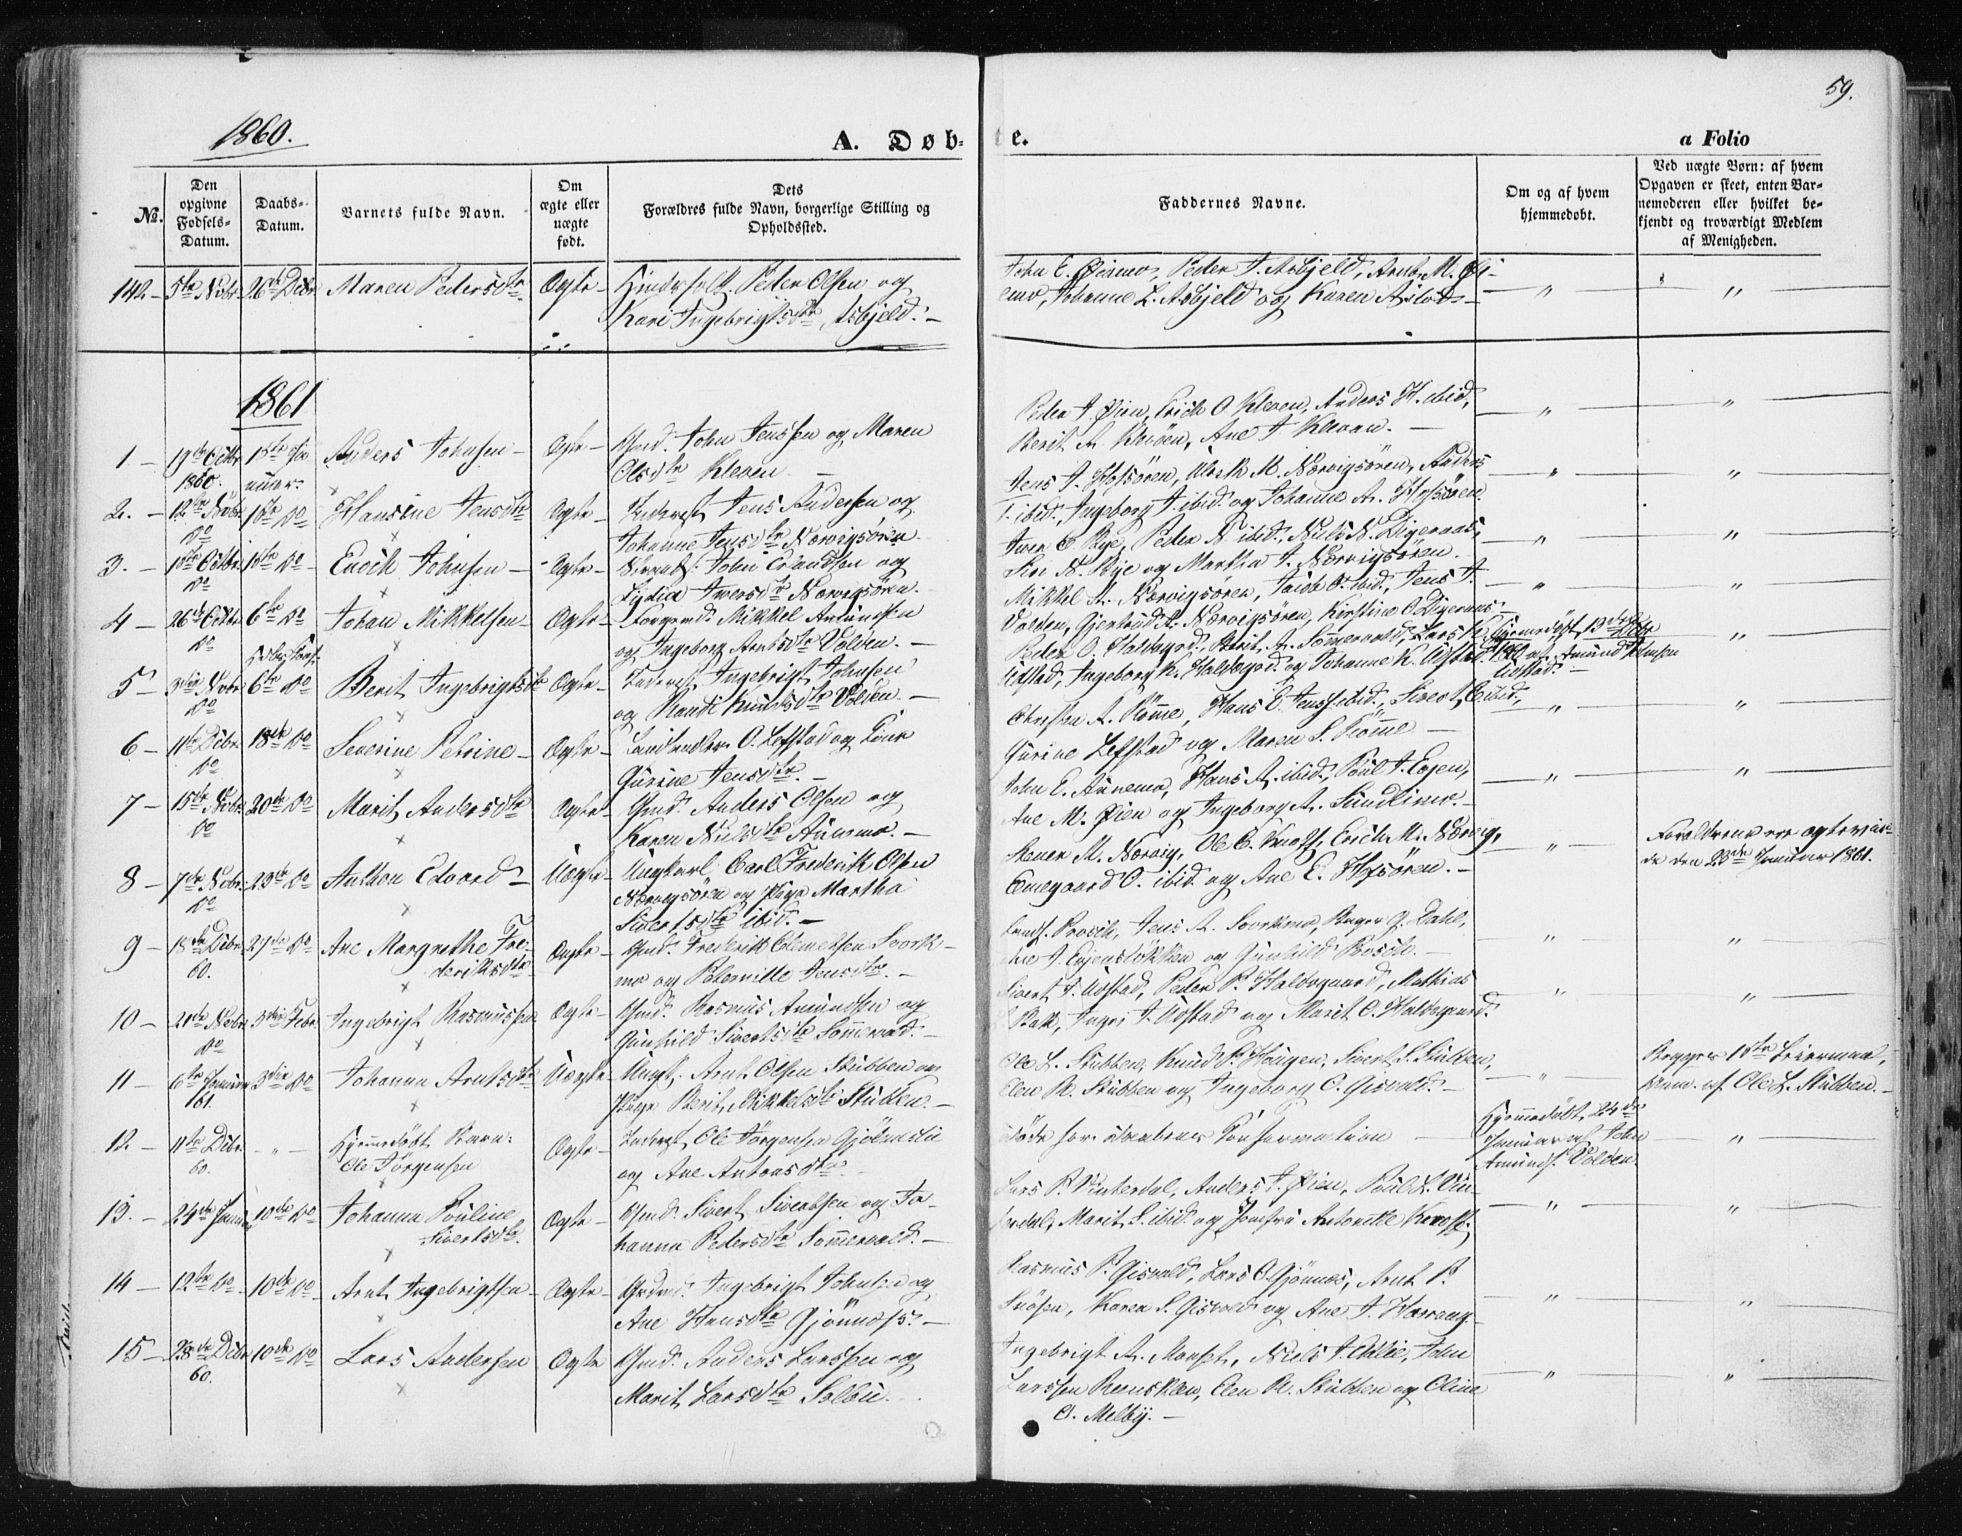 SAT, Ministerialprotokoller, klokkerbøker og fødselsregistre - Sør-Trøndelag, 668/L0806: Ministerialbok nr. 668A06, 1854-1869, s. 59